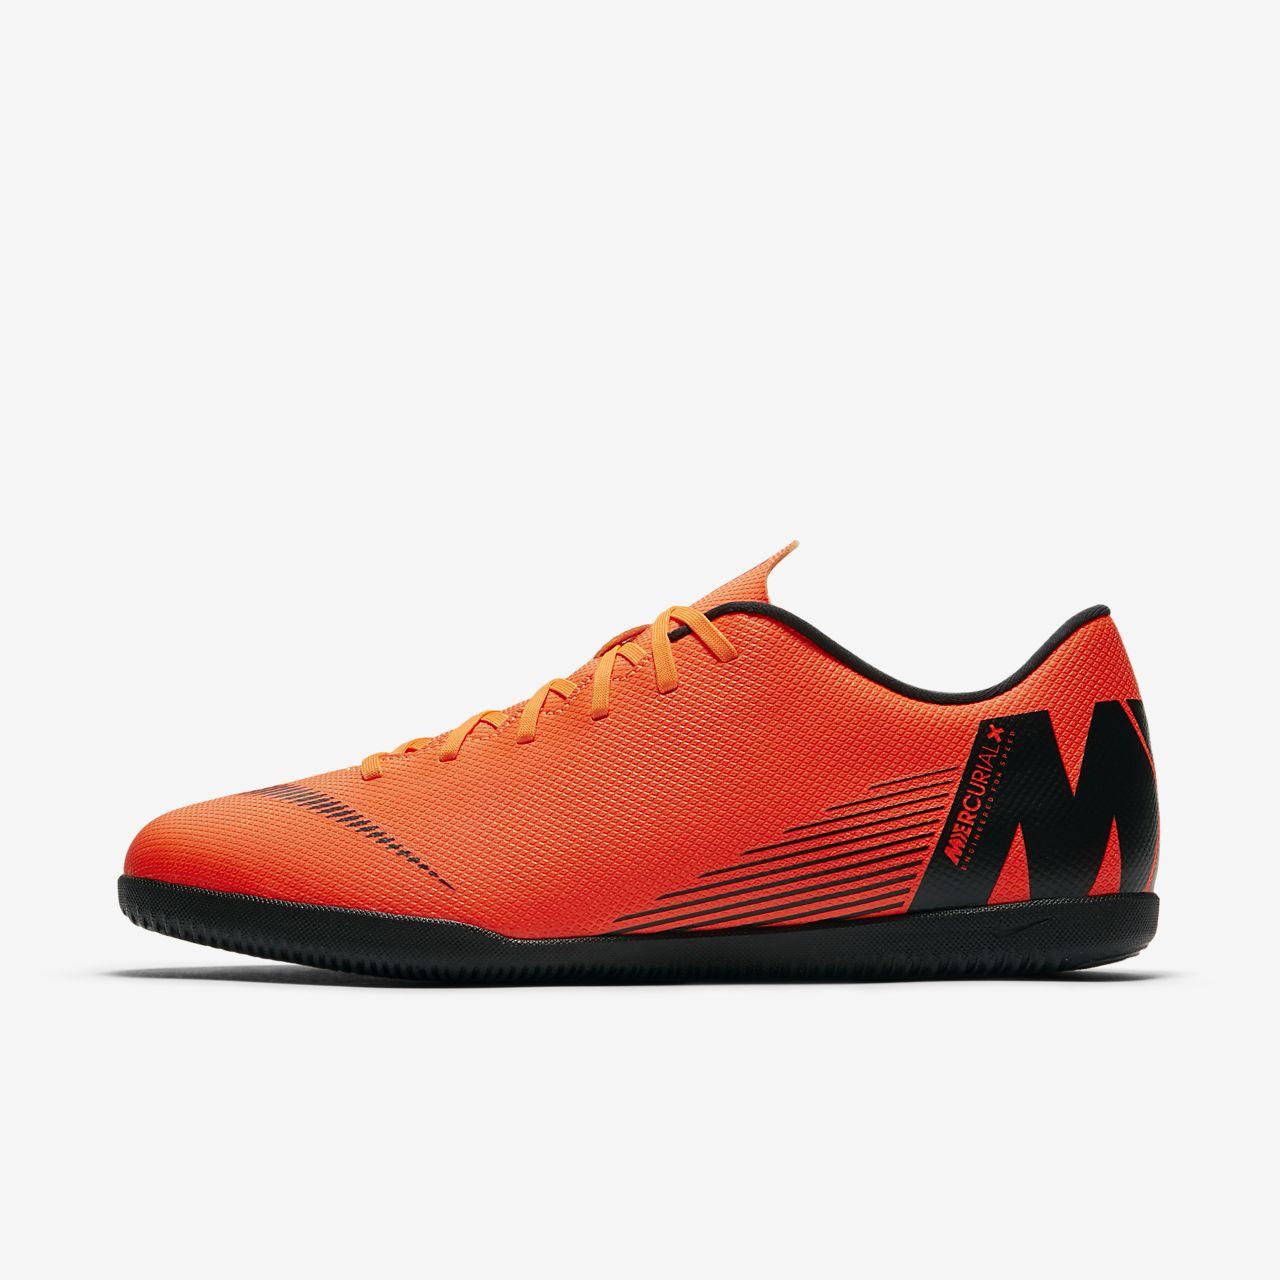 VAPORX 12 CLUB IC - Fußballschuh Halle - black/total orange/white Neueste Online 6B8appJfm